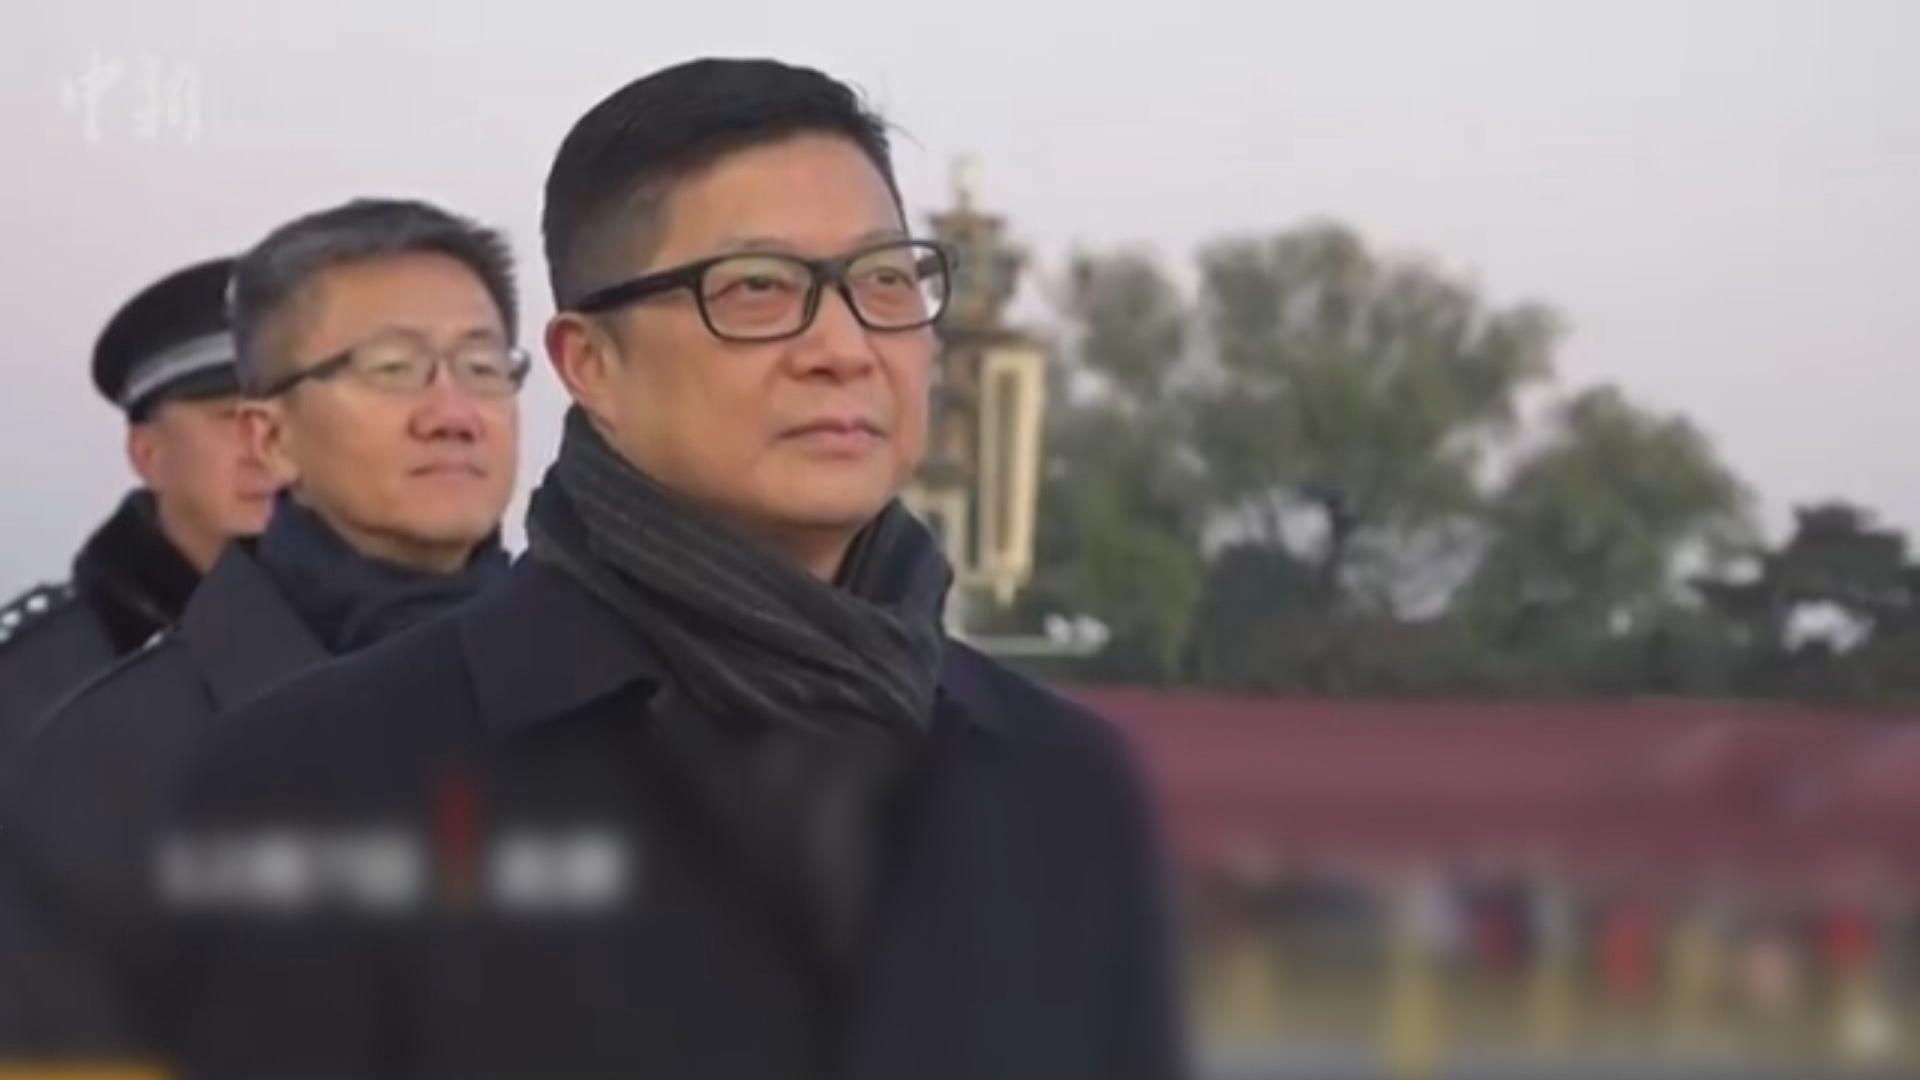 鄧炳強:現時警隊士氣良好 會繼續全力止暴制亂